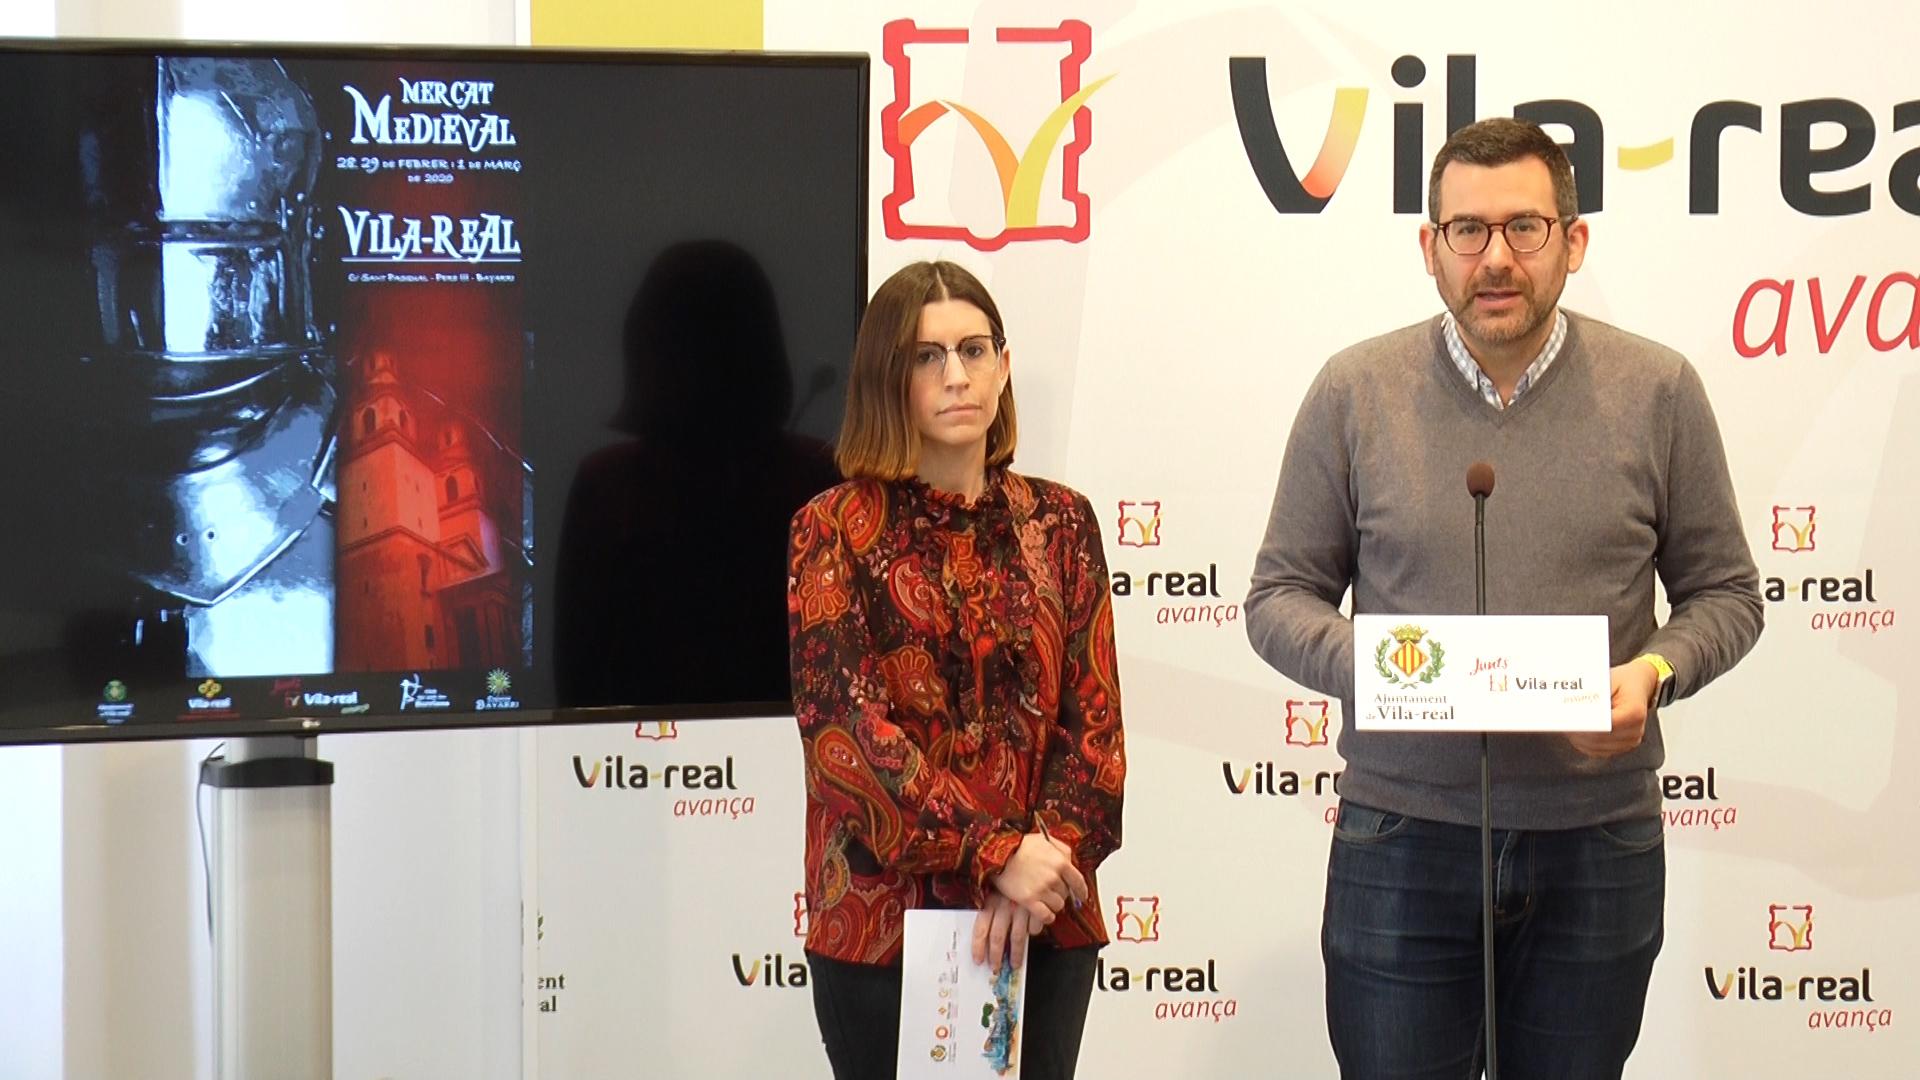 Vila-real mantiene la Fiesta del Termet del primer domingo de julio adaptada a las restricciones por la pandemia